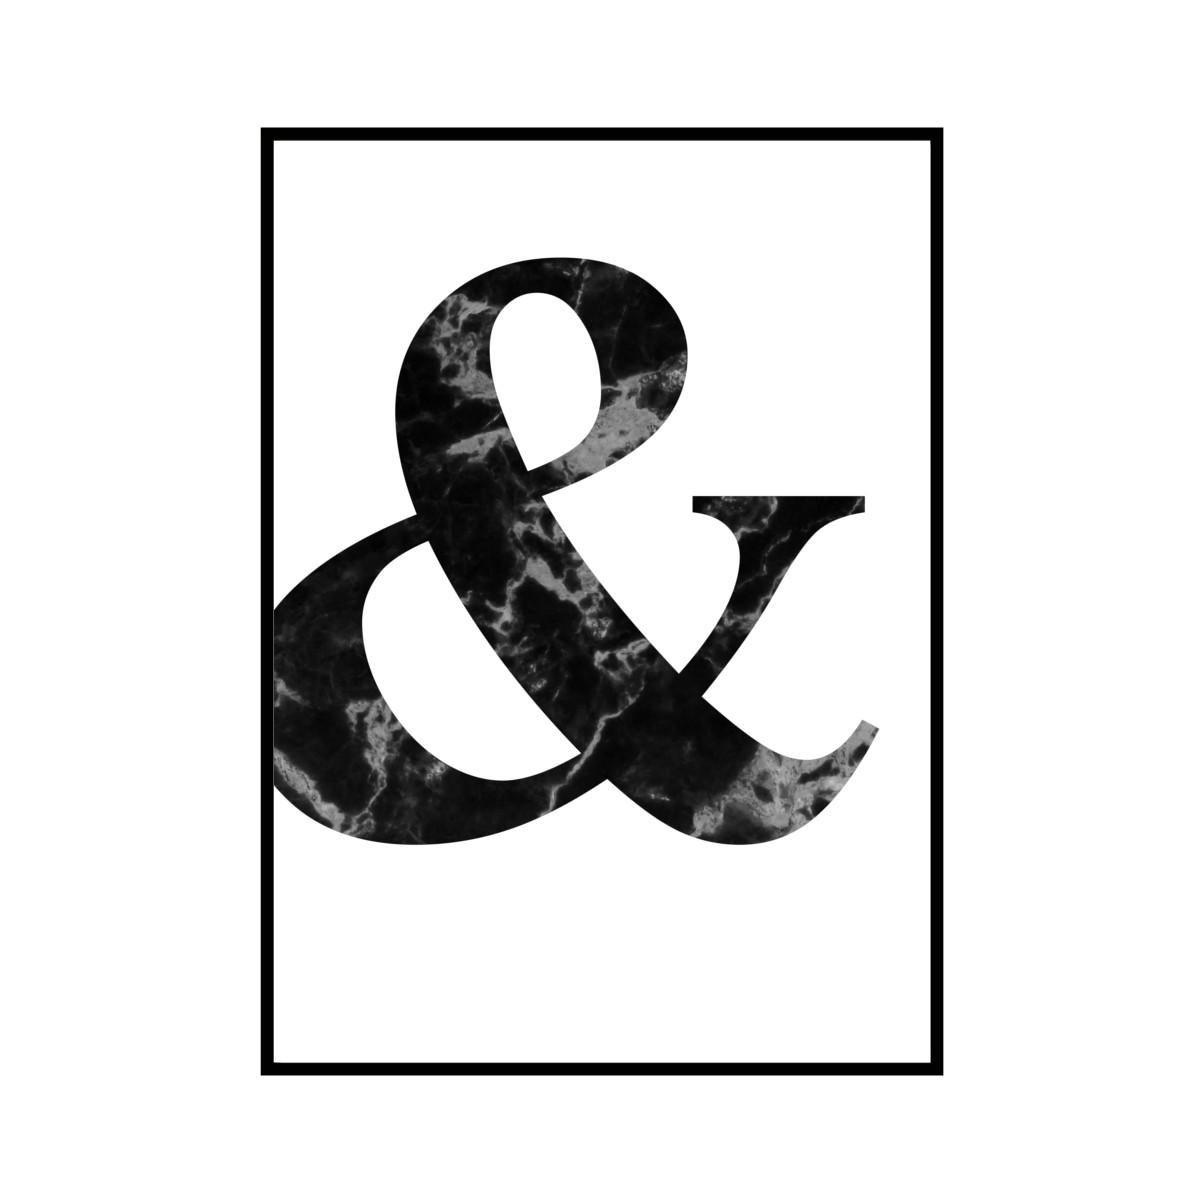 """""""&"""" 黒大理石 - Black marble - ALPHAシリーズ [SD-000501] B4サイズ フレームセット"""